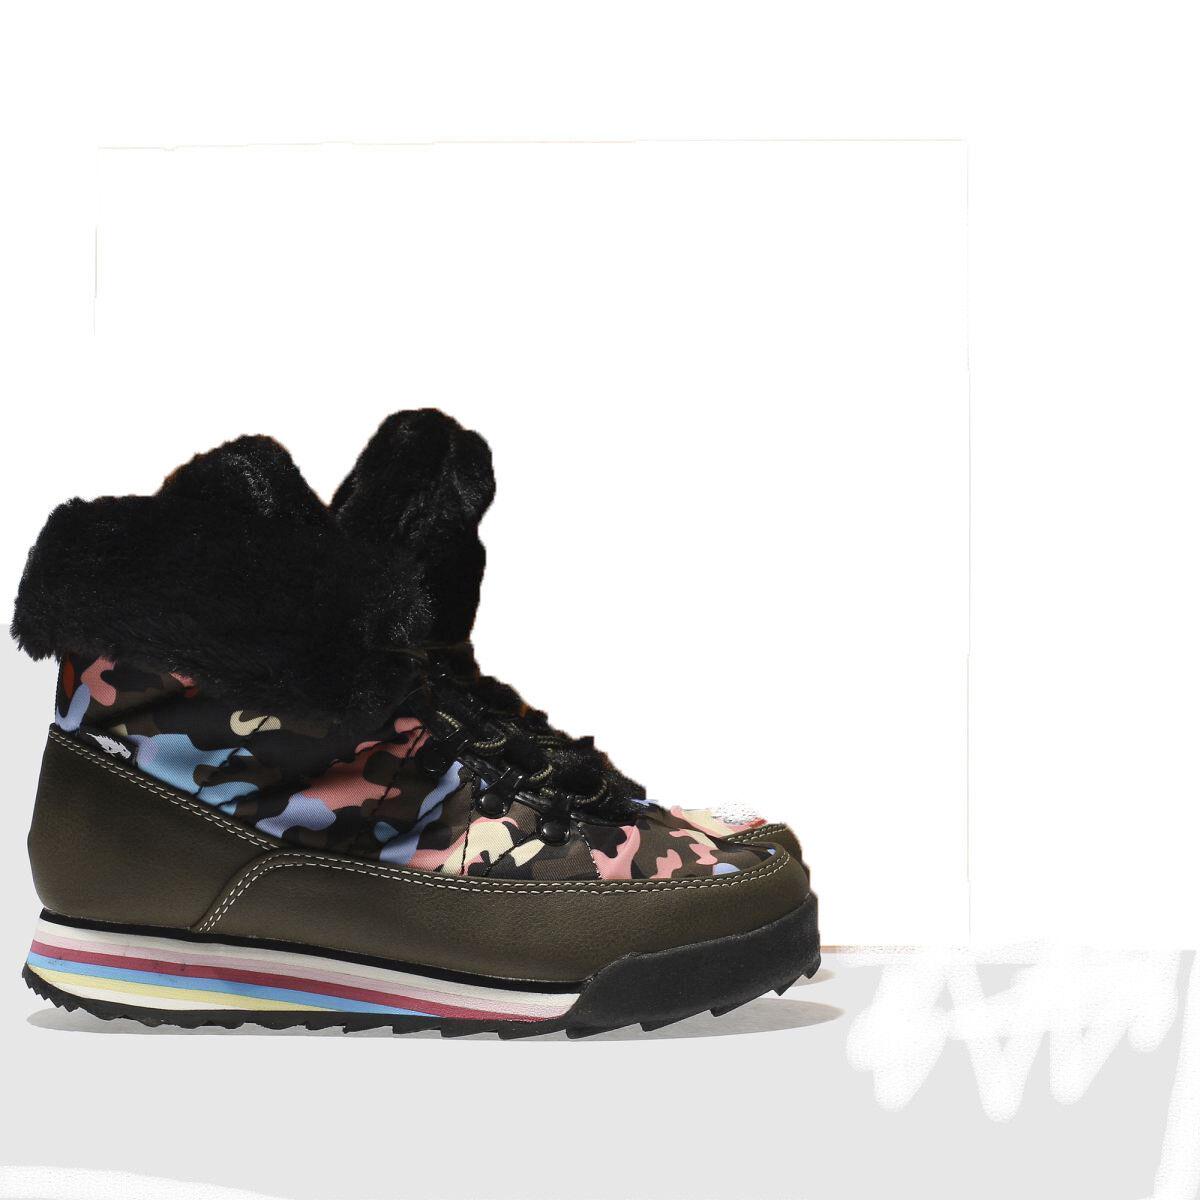 ROCKET DOG KHAKI ICEE CANDY CAMO TRAINER Stiefel Größe 5  | Viele Sorten